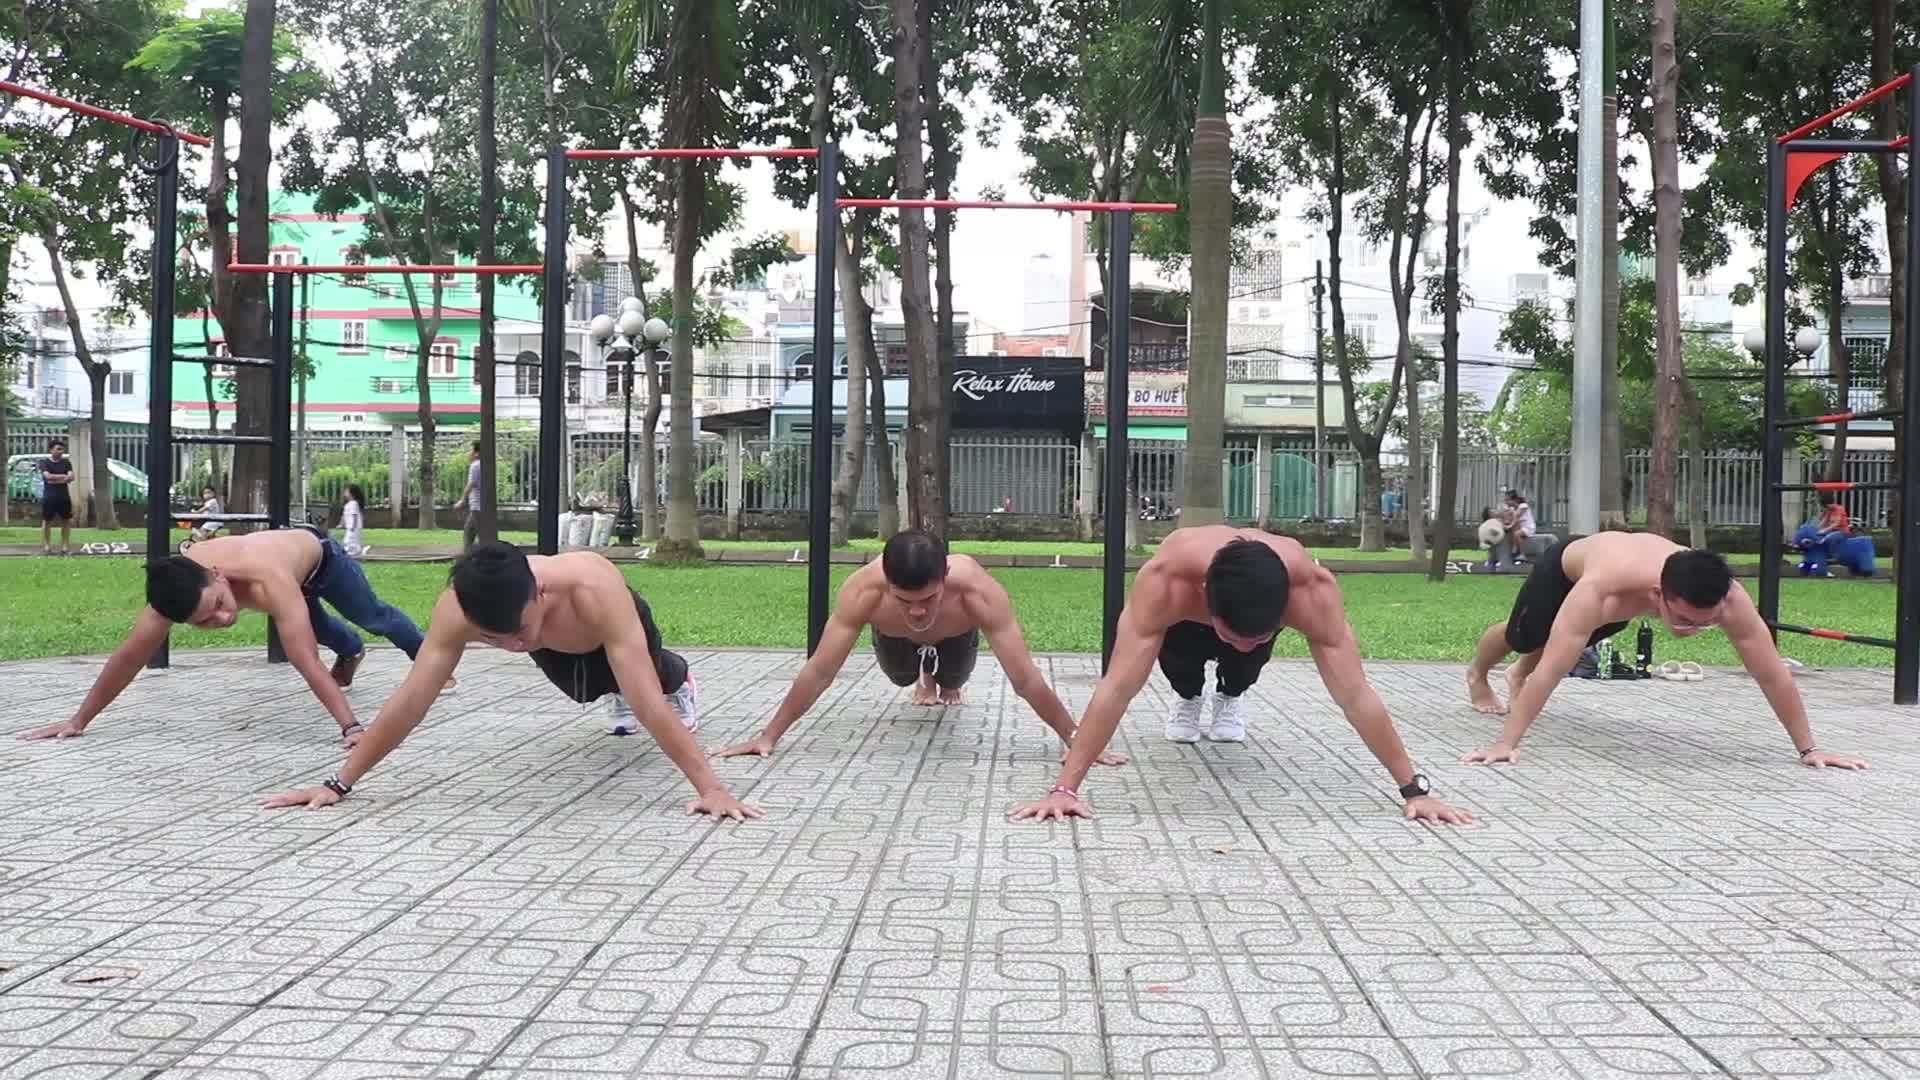 Lớp học rèn luyện thể dục ngoài trời miễn phí ở Sài Gòn